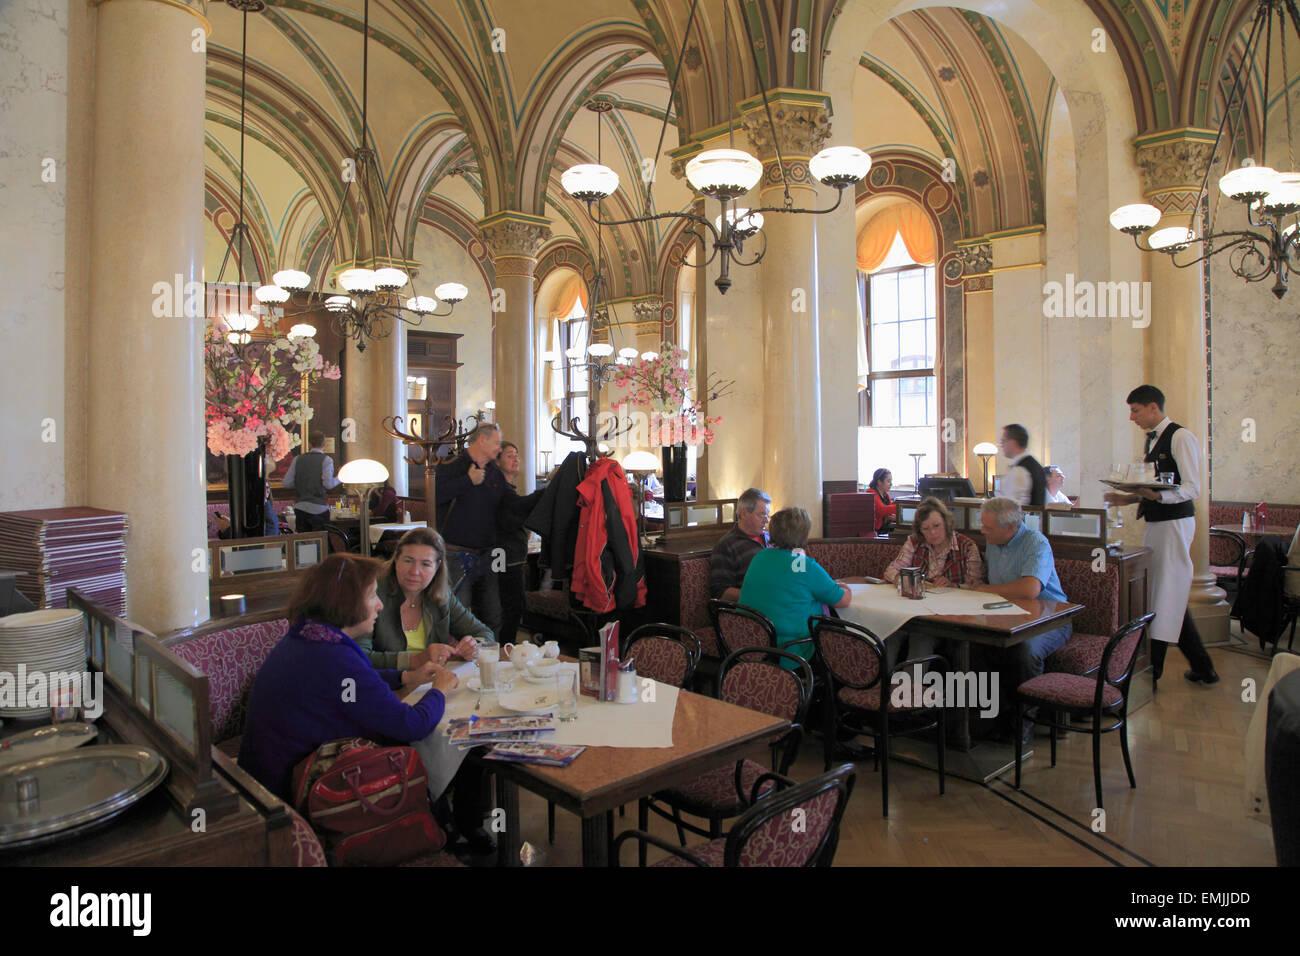 Österreich, Wien, Cafe Central, Interieur, Menschen Stockfoto, Bild ...